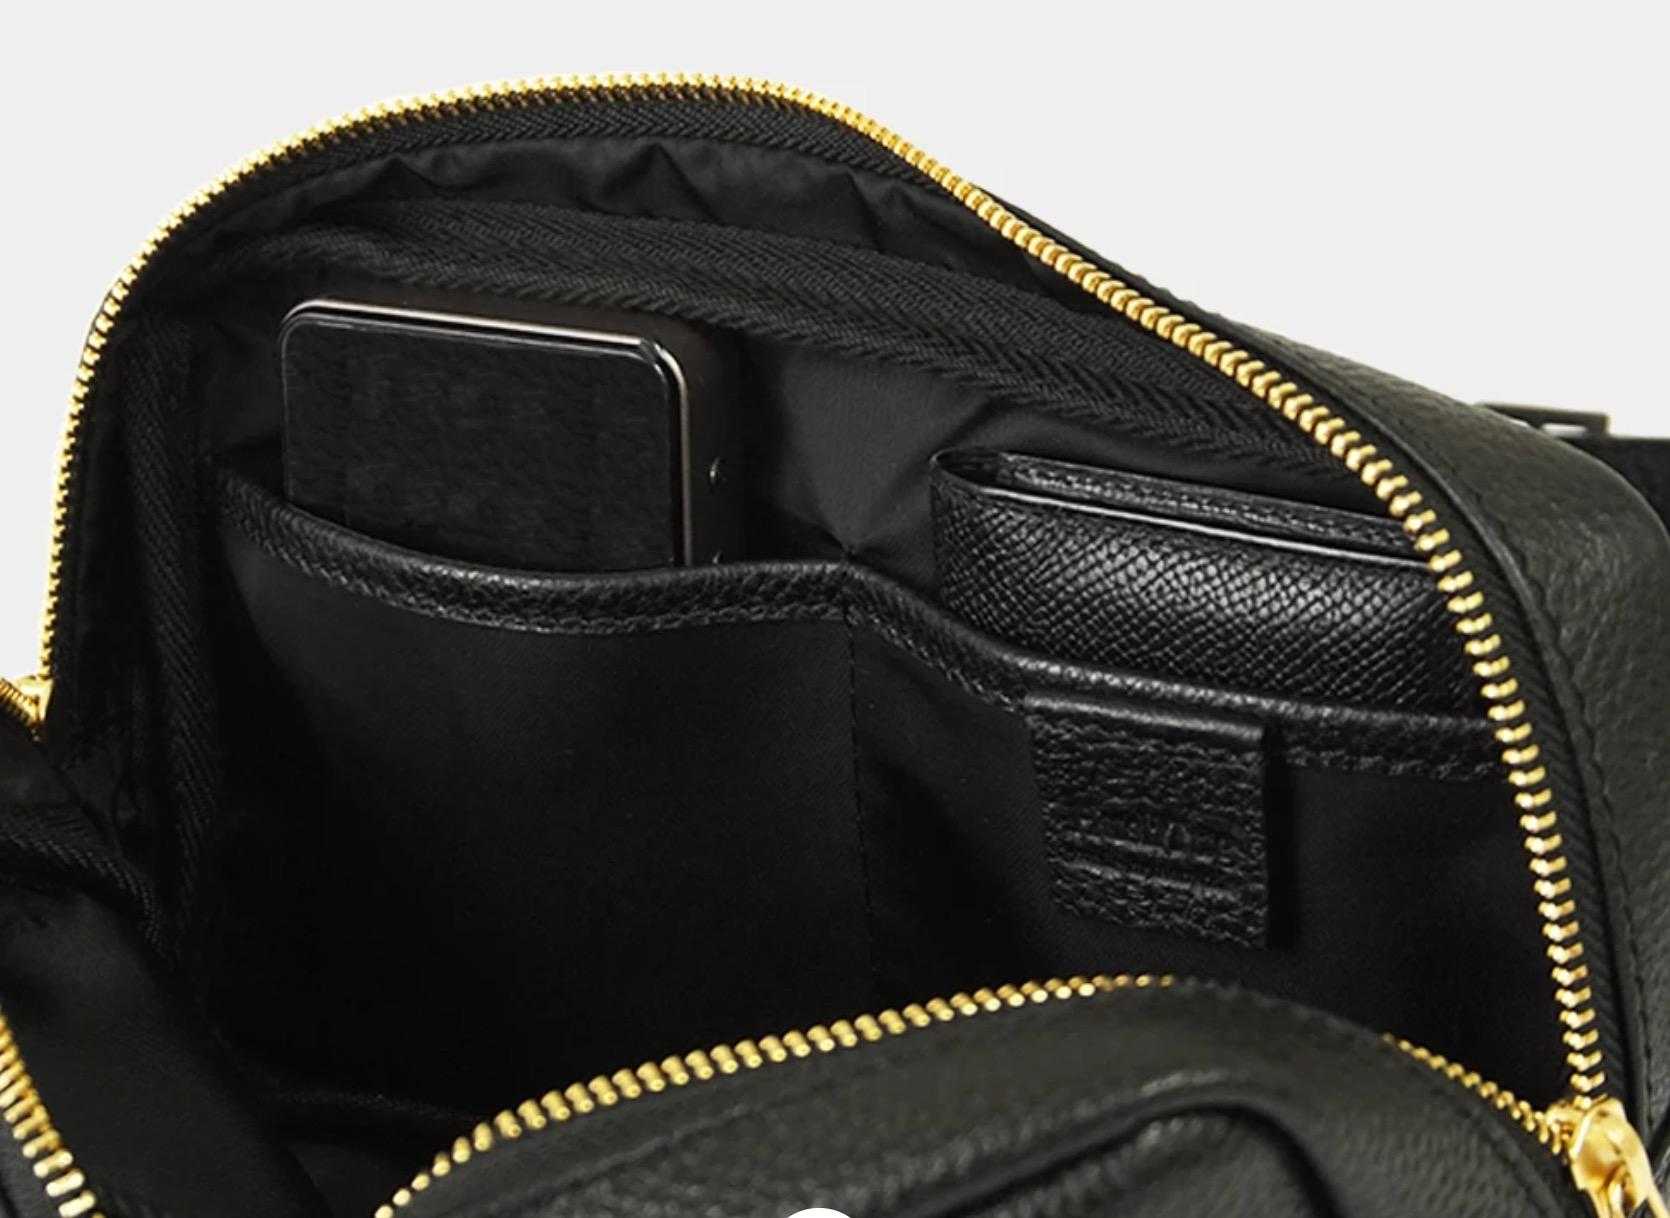 HushTug ボディバッグ あると便利な内側の収納ポケット